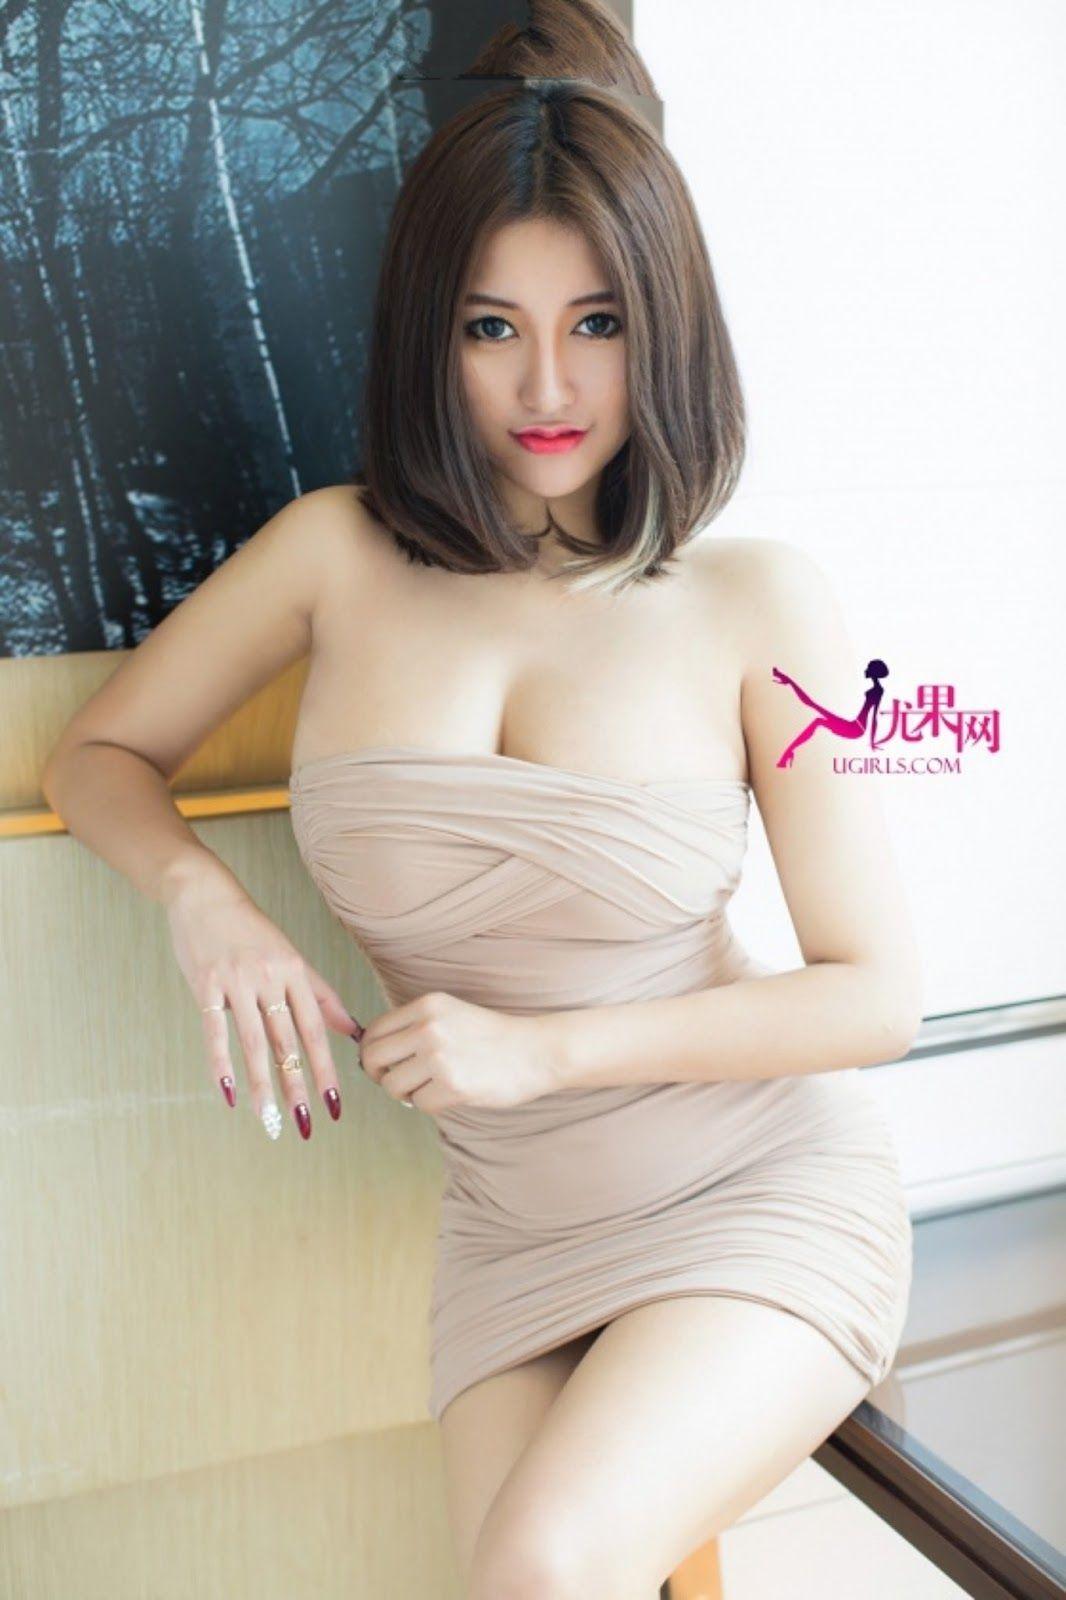 Asian girl sexy massage